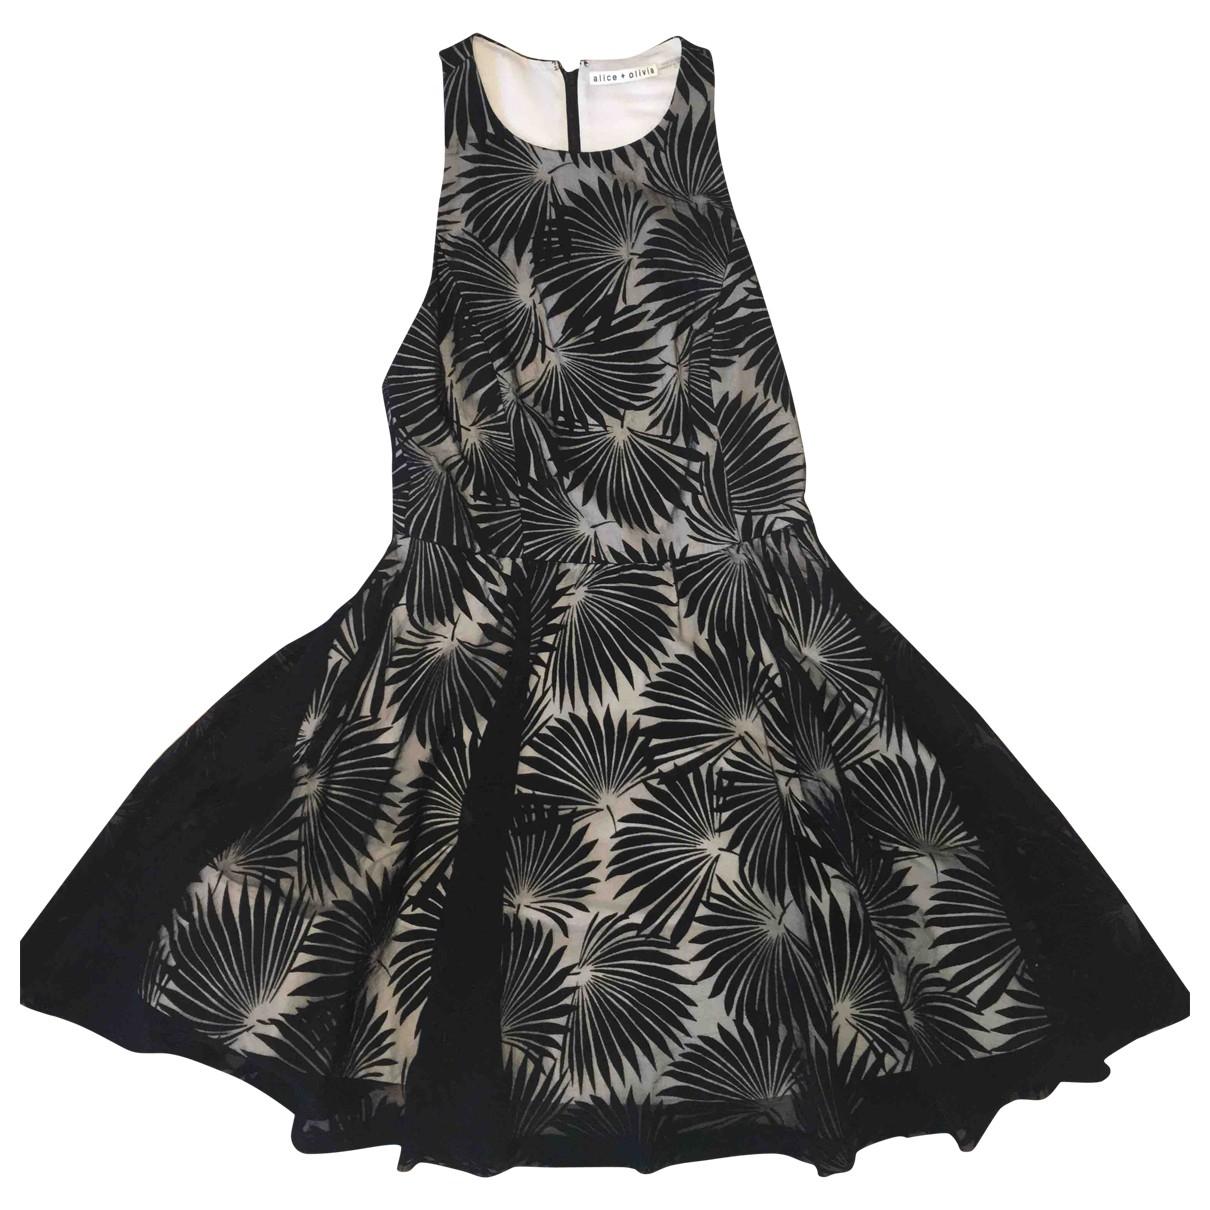 Alice & Olivia \N Black dress for Women 10 UK